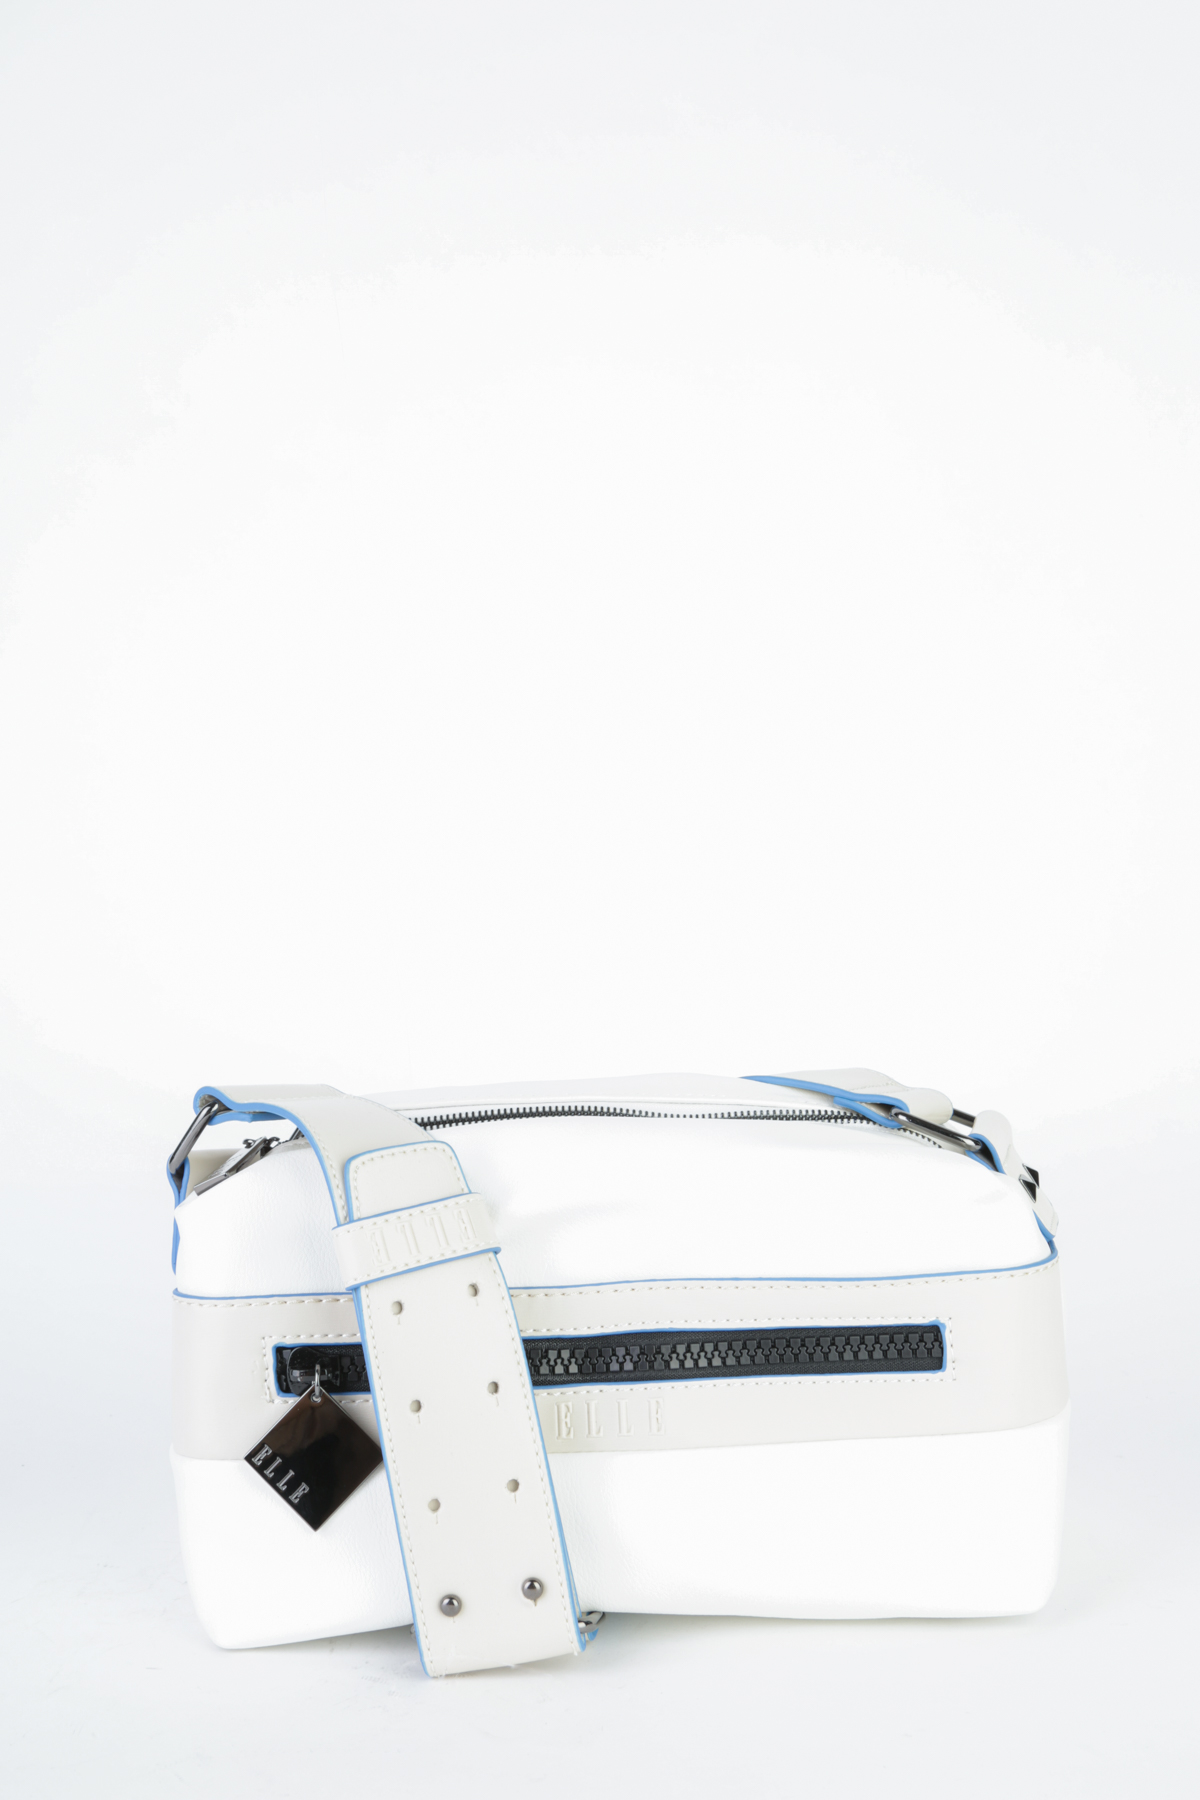 Sacs à bandoulière Maroquinerie Blanc Première Collection L5226 #c eFashion Paris